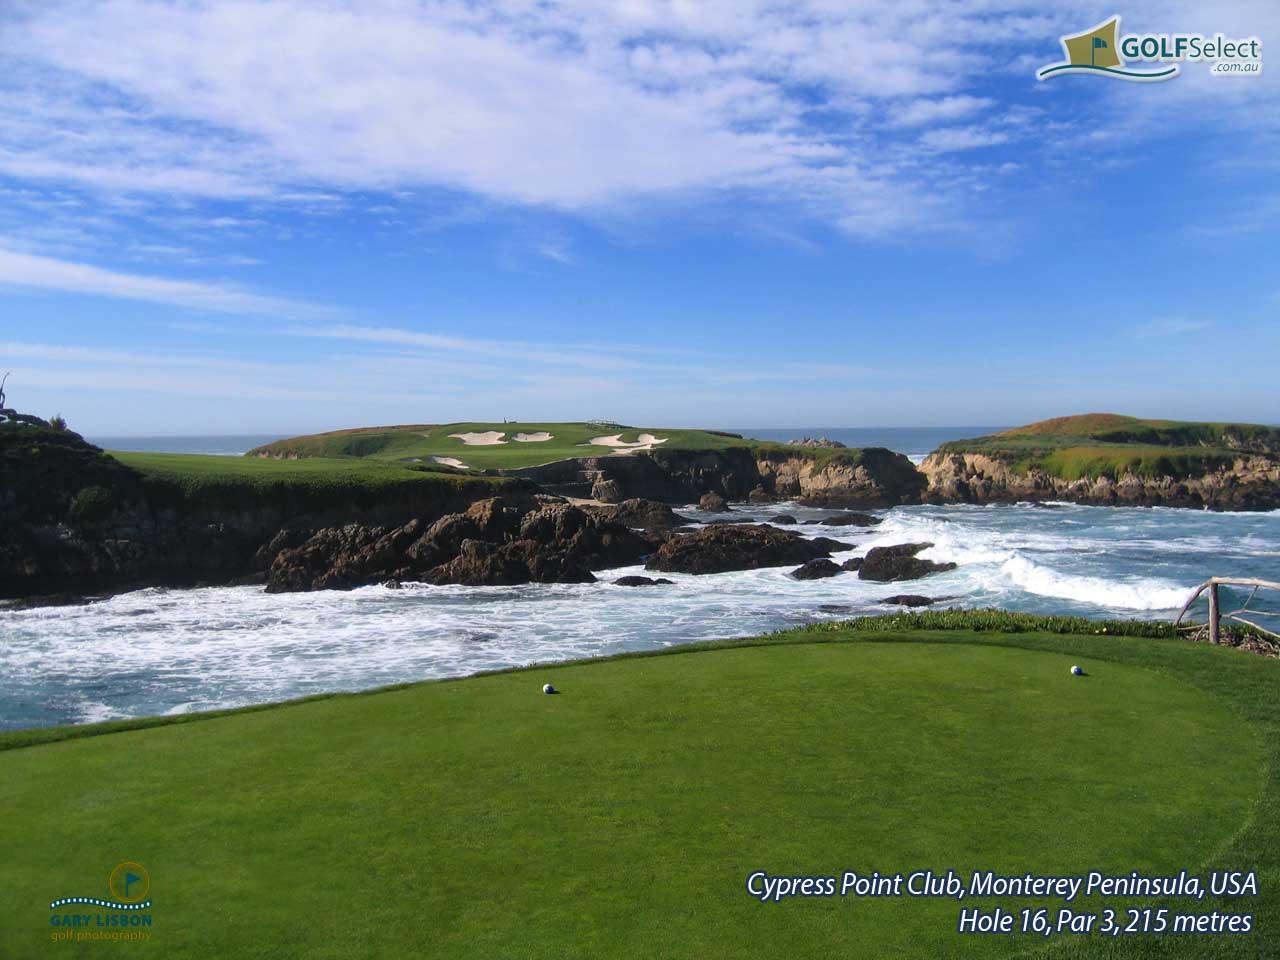 GOLFSelect   Golf Wallpaper   Cypress Point Club   Hole 16 Par 3 215 1280x960